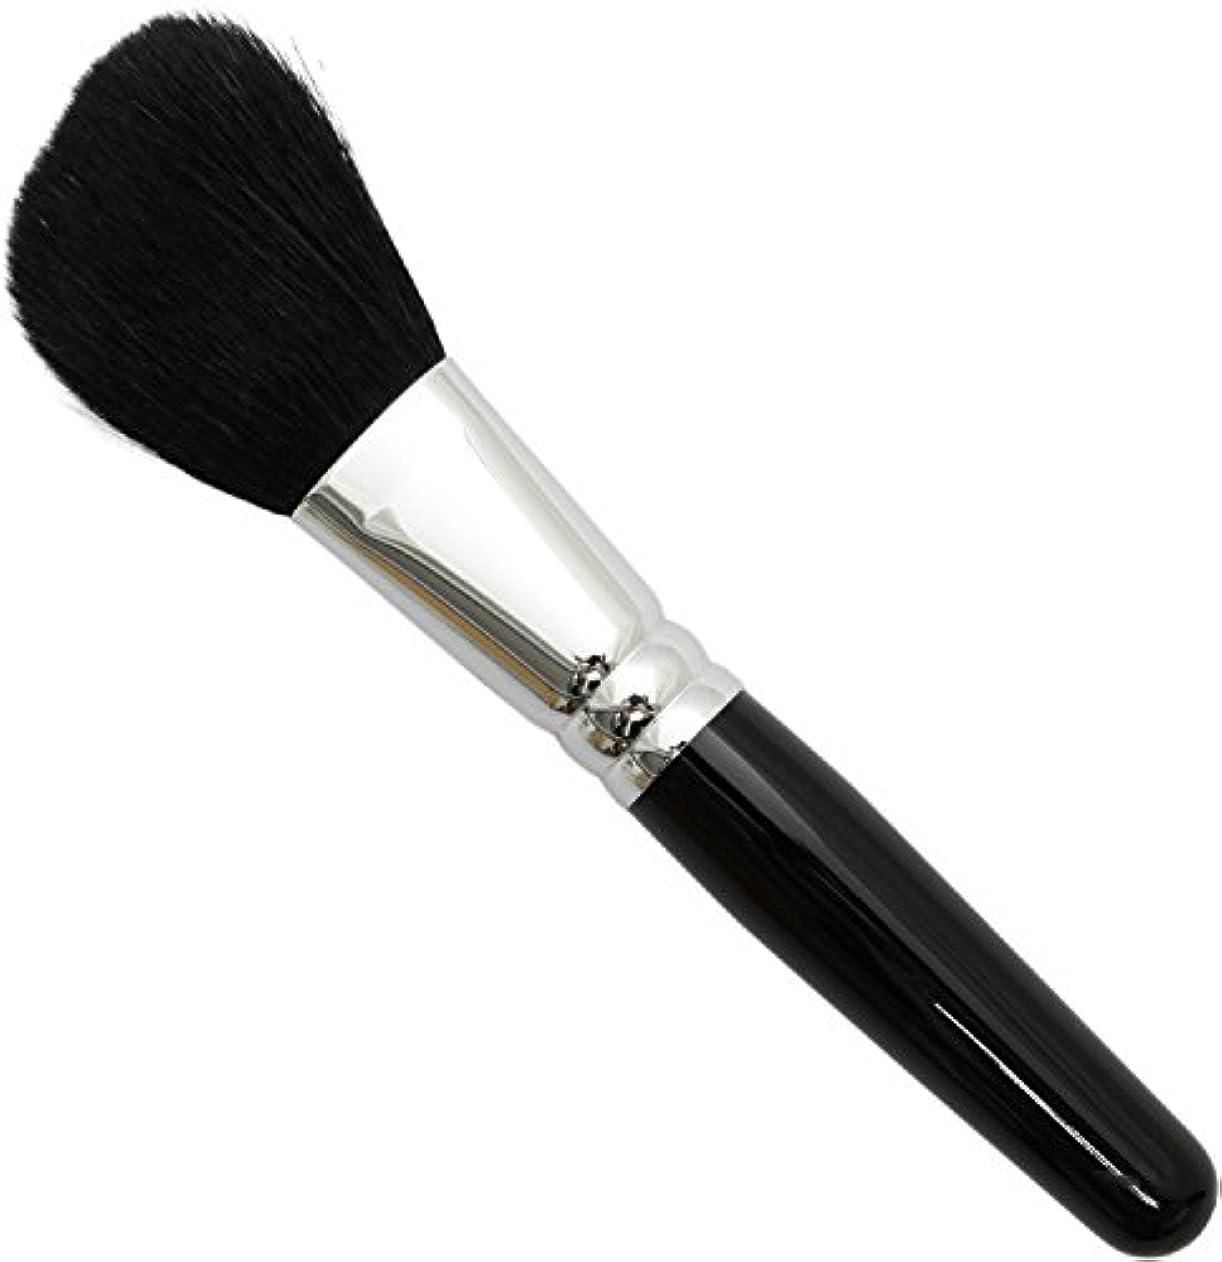 のれんスキップ影響する熊野筆 メイクブラシ SRシリーズ チークブラシ ななめ 山羊毛